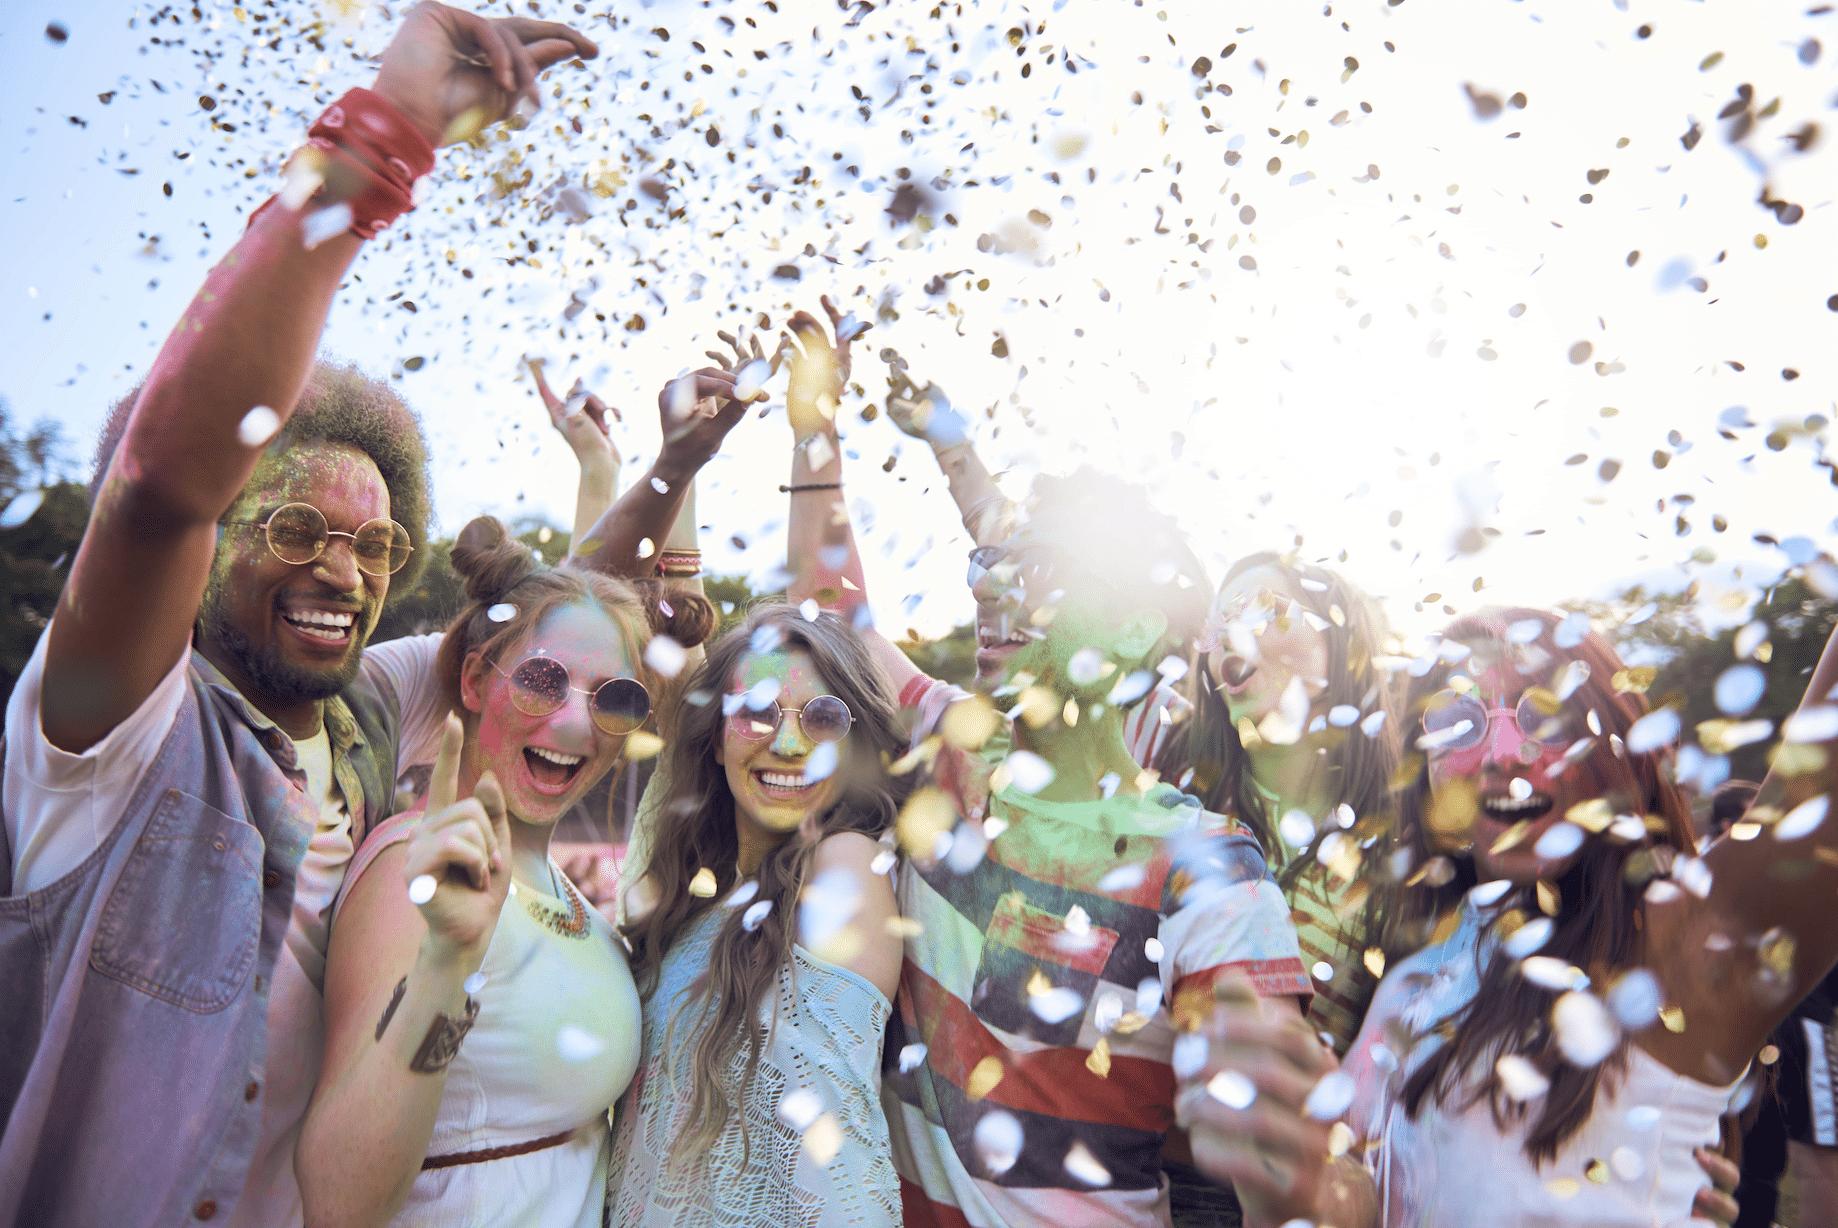 Alkohol Party Festival Feiern gute Laune